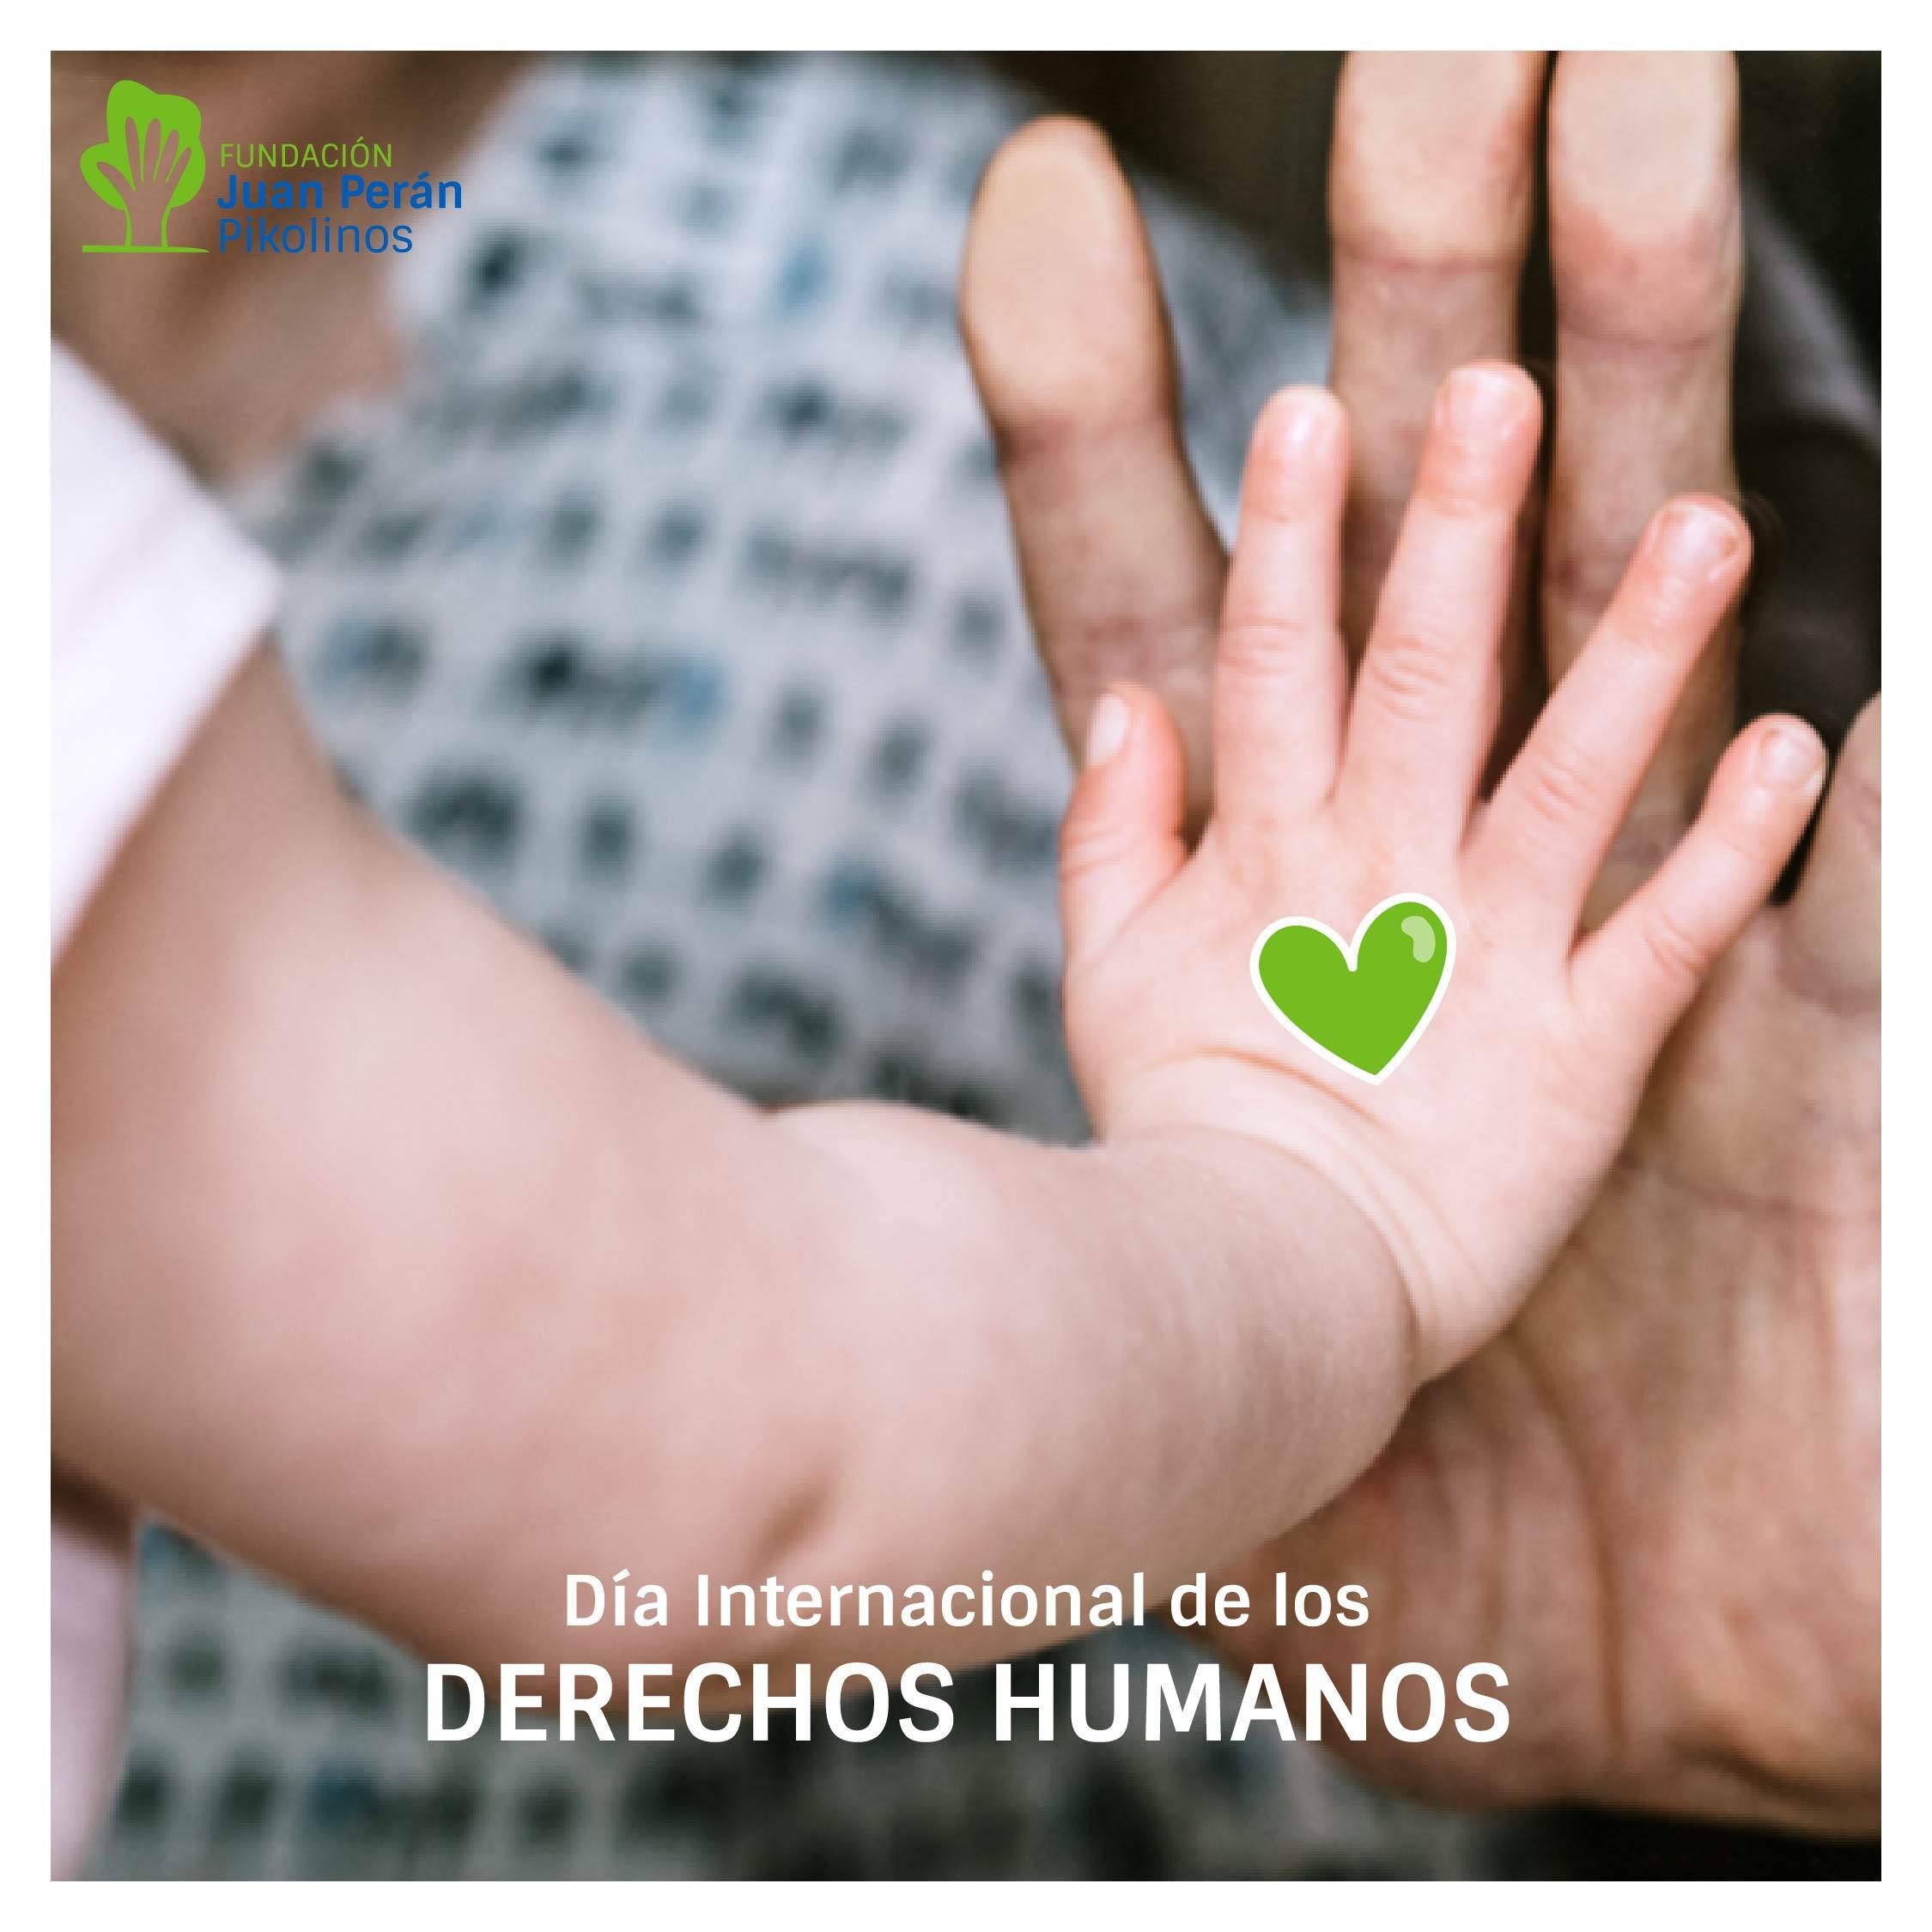 fundacion_rrss_derechoshumanos__Mesa de trabajo 1